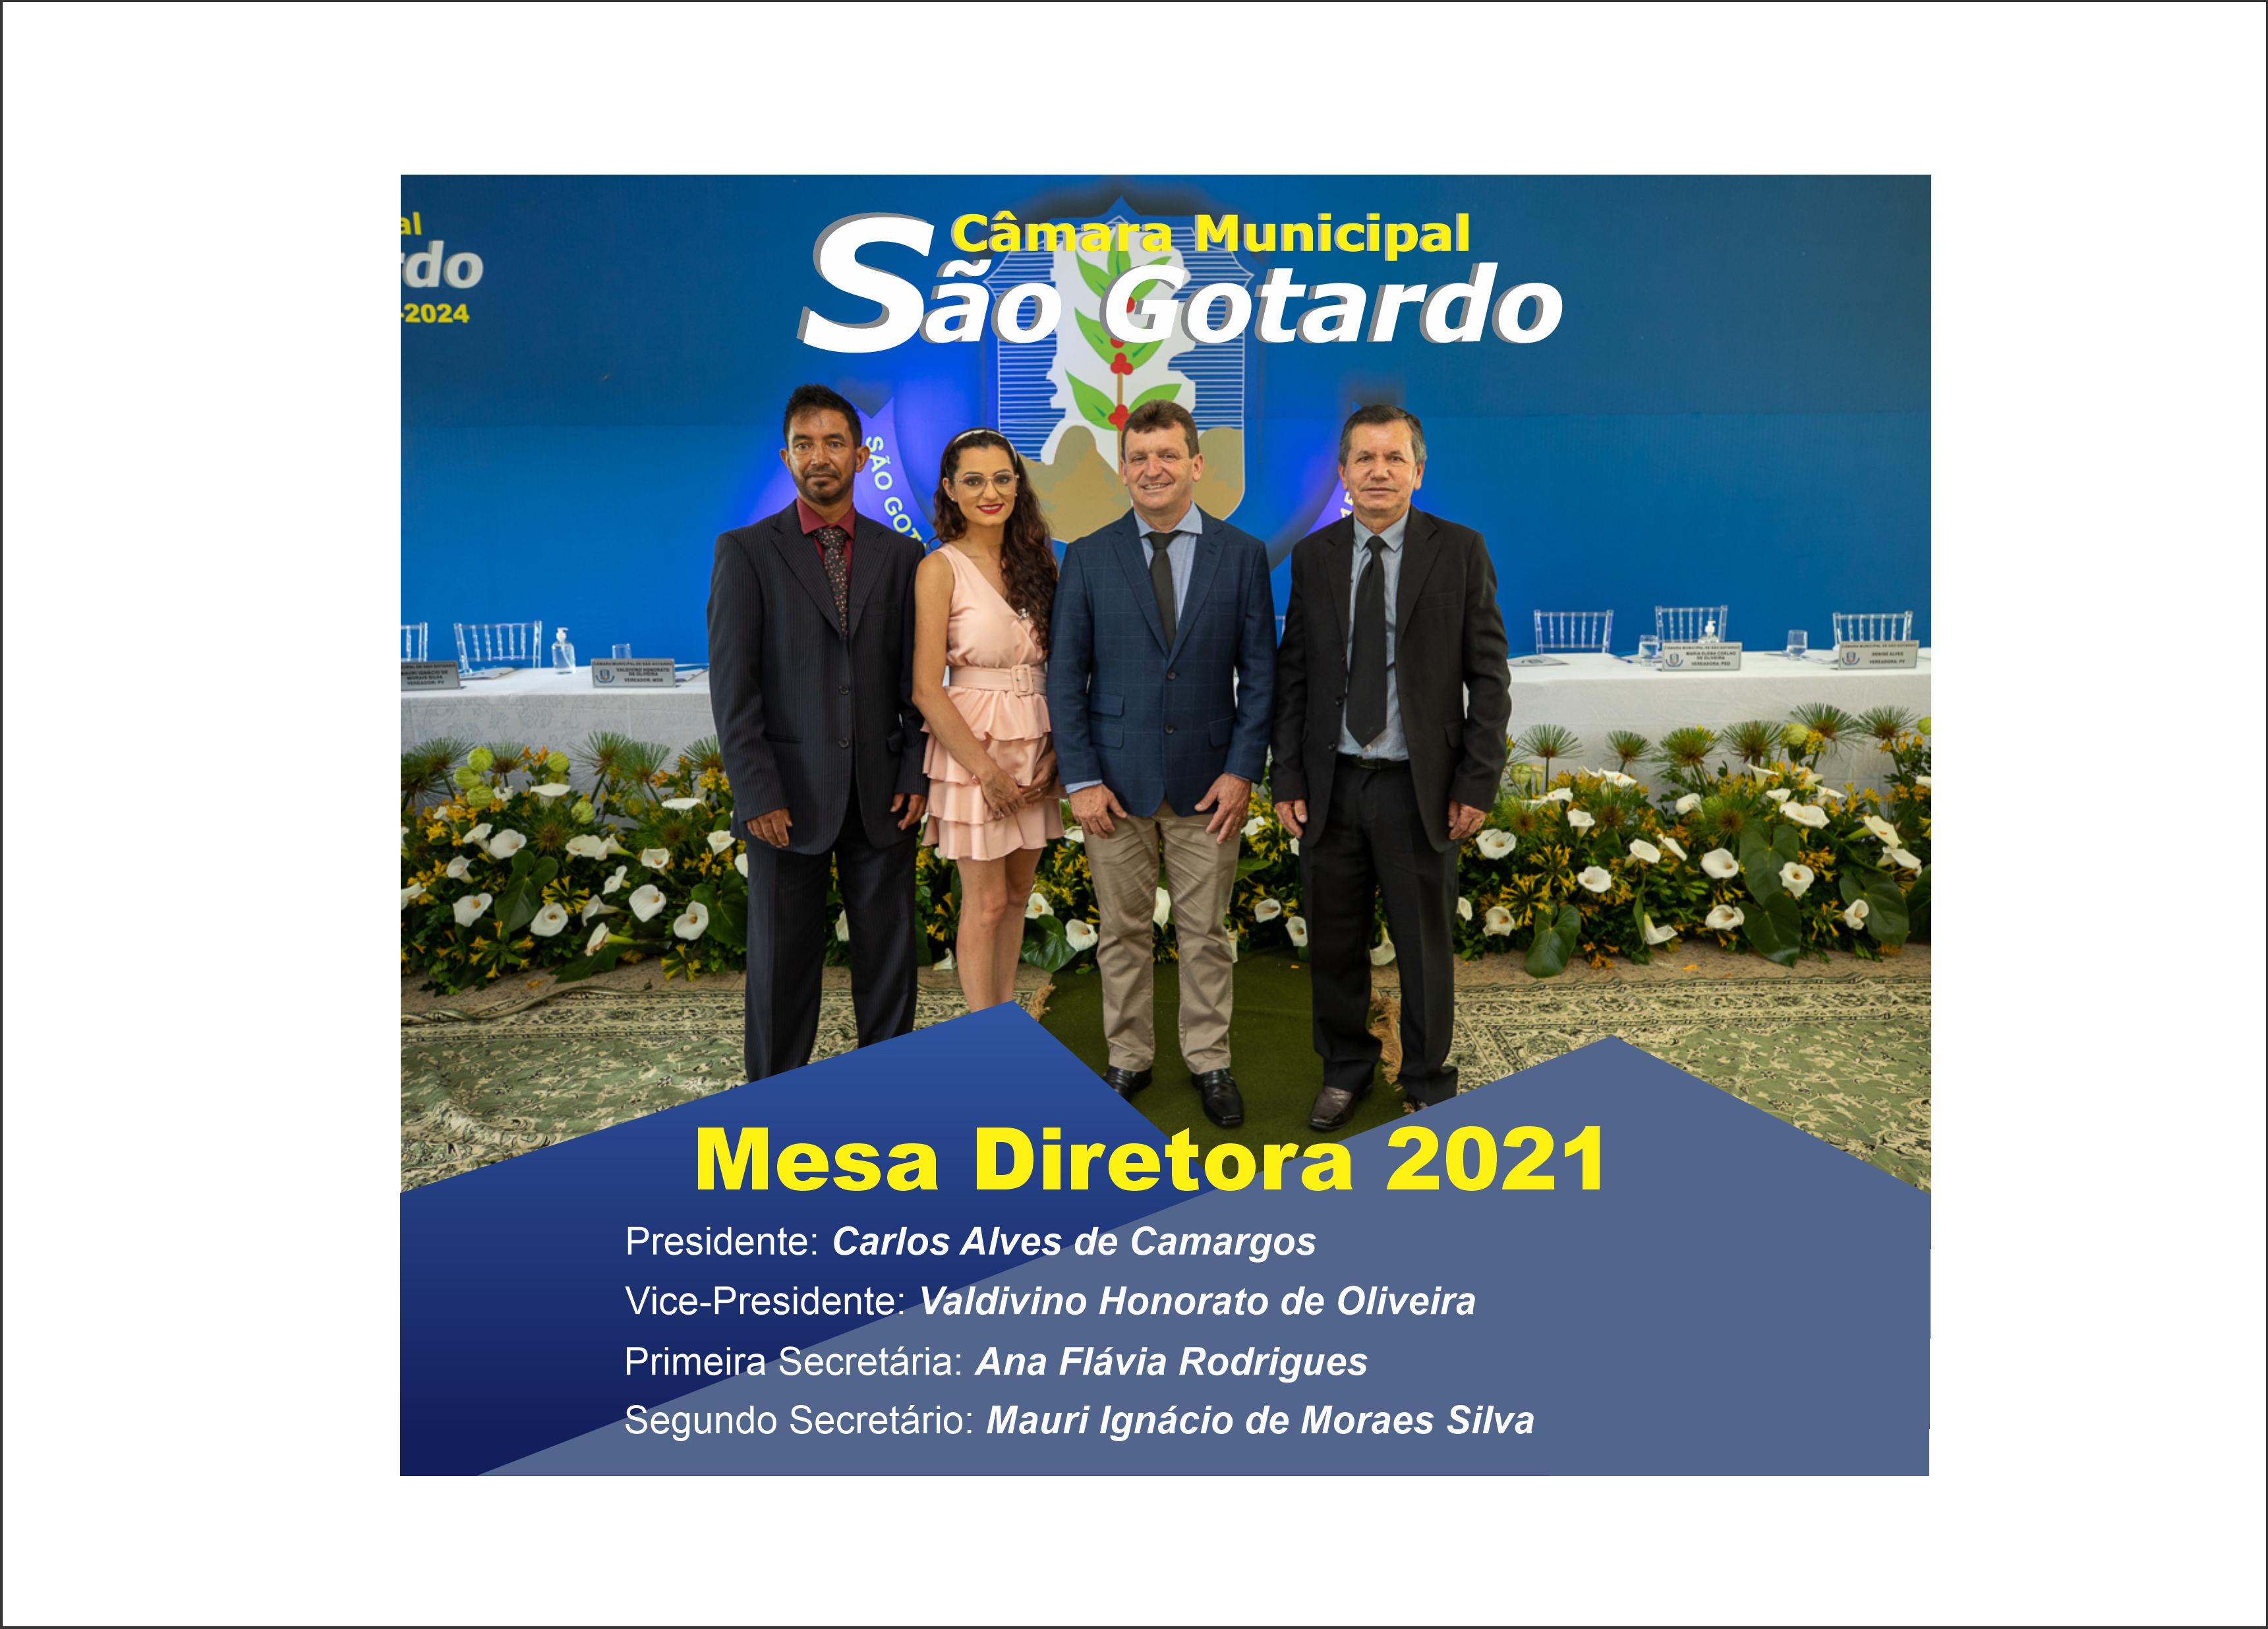 Mesa Diretora da Câmara Municipal de São Gotardo para o ano de 2021.